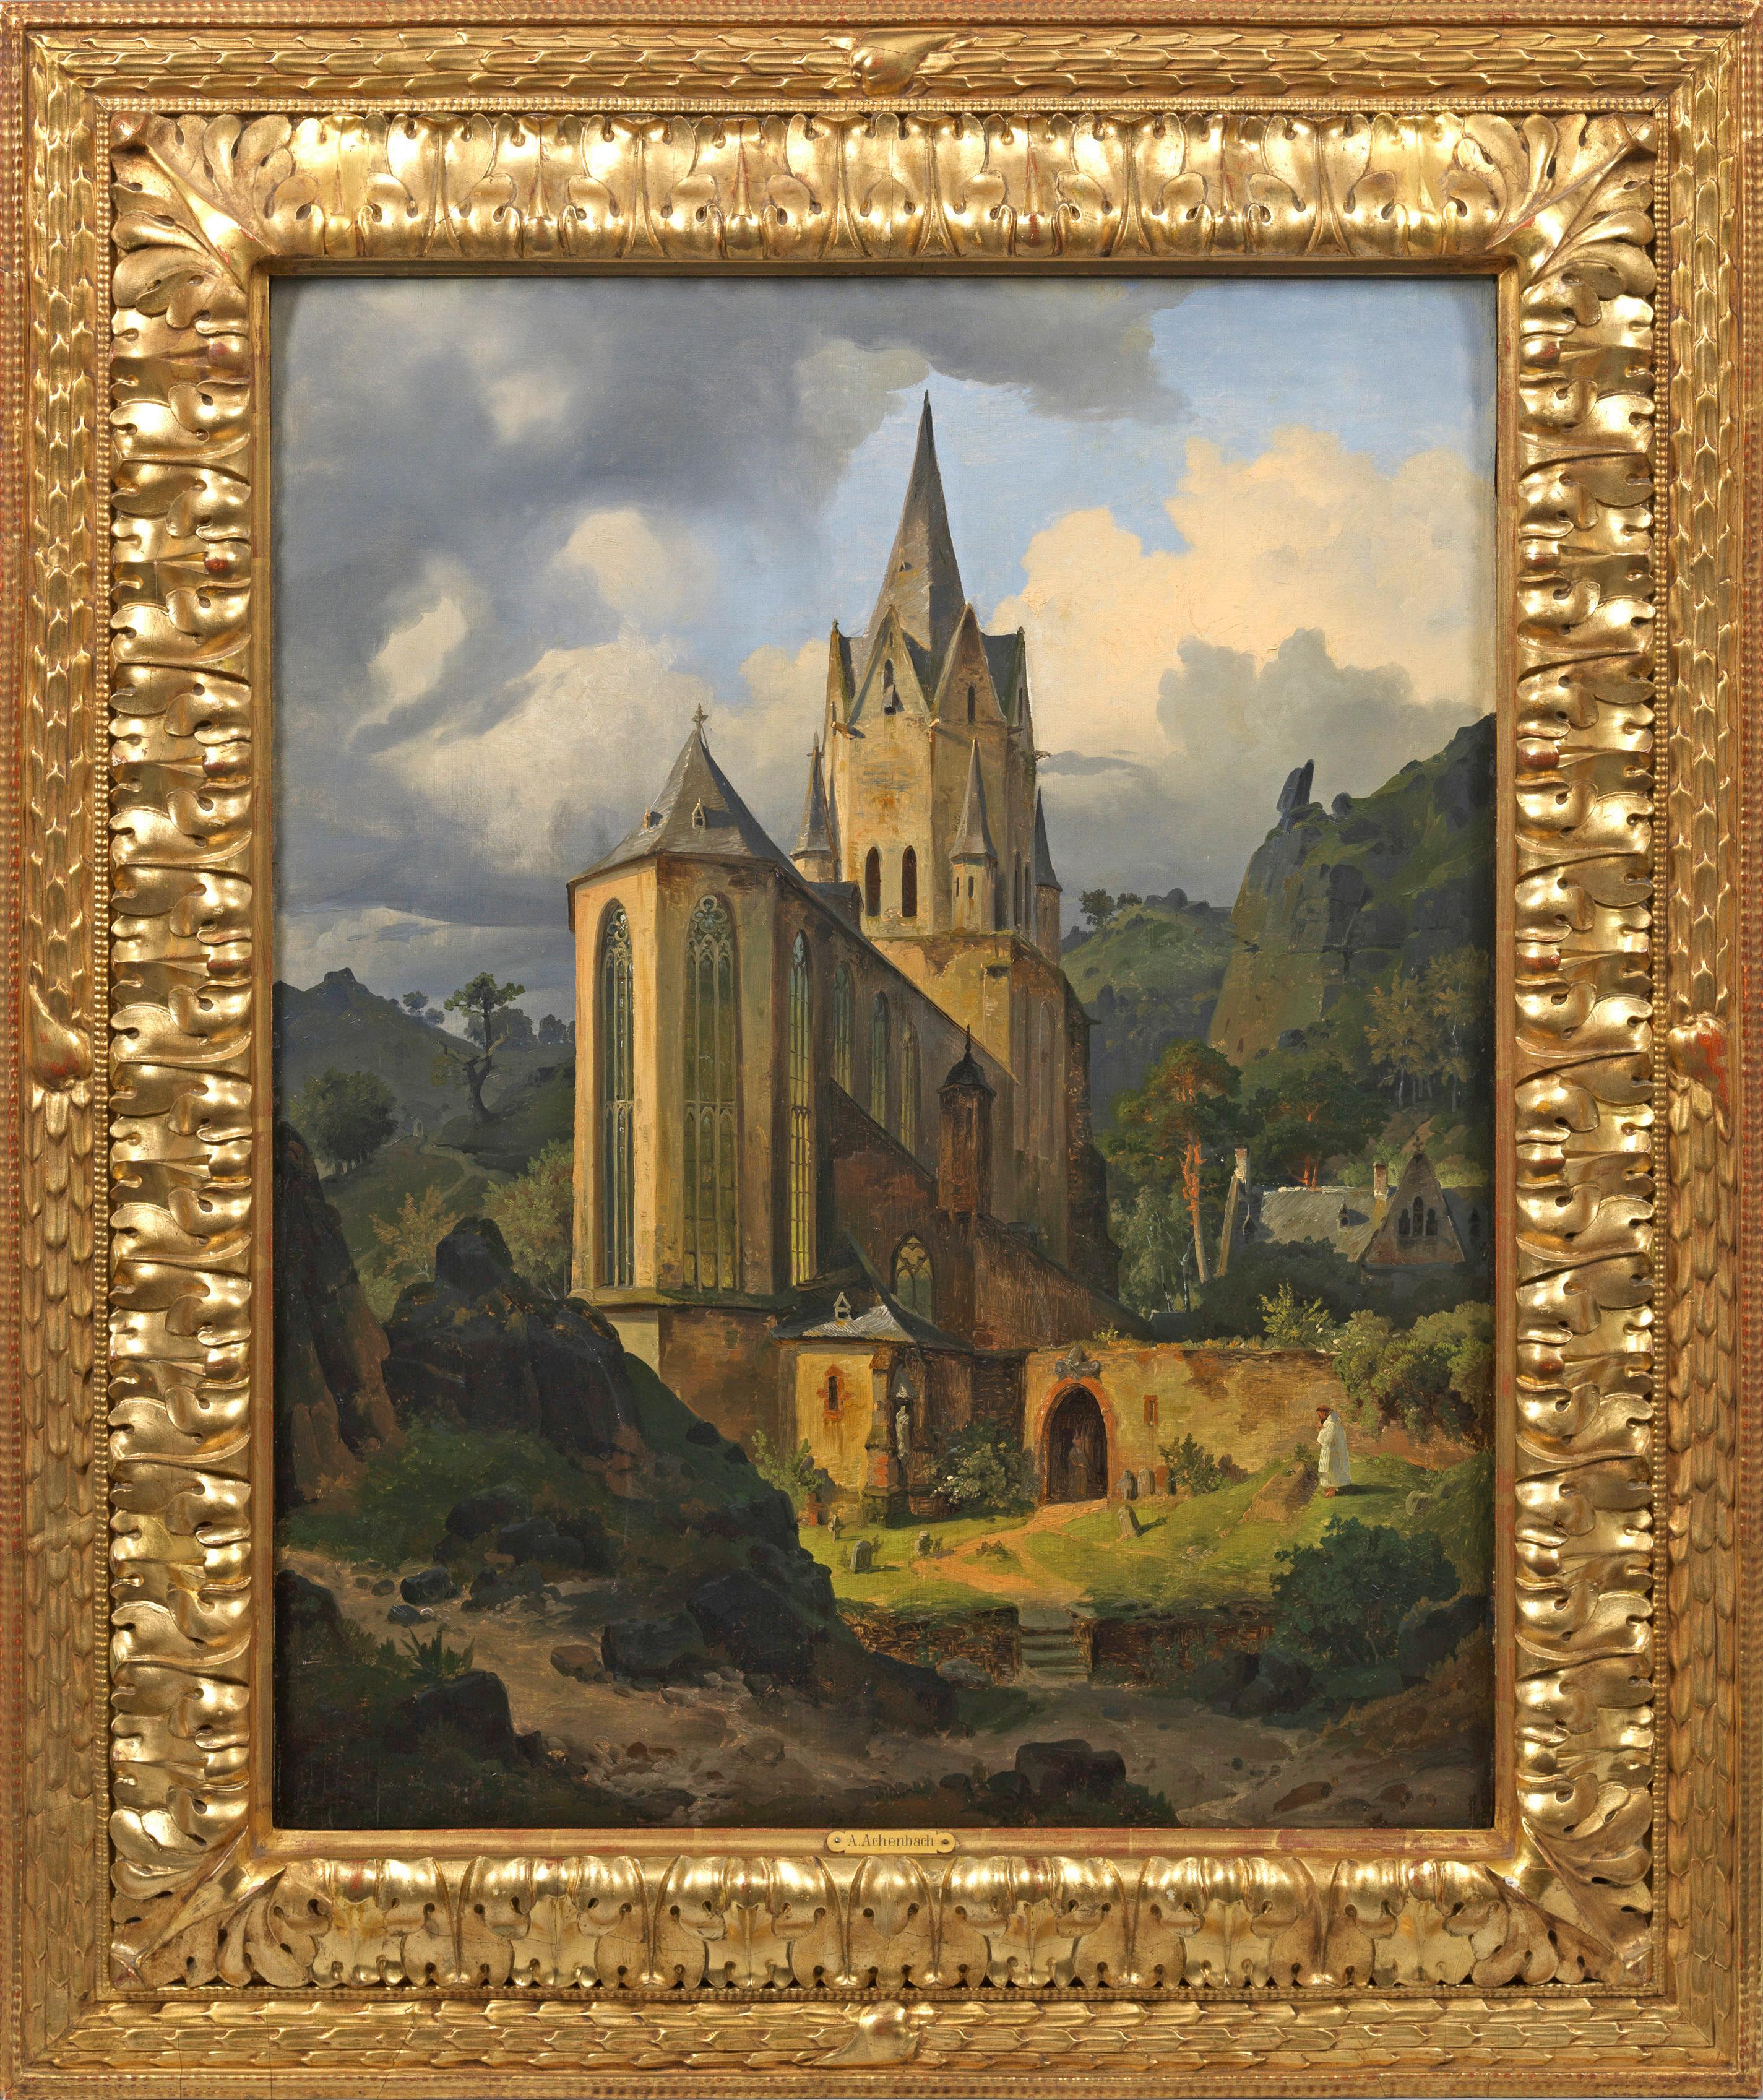 Auktion - Grosse Kunstauktion Nr.172 am 1./2./8. September ...